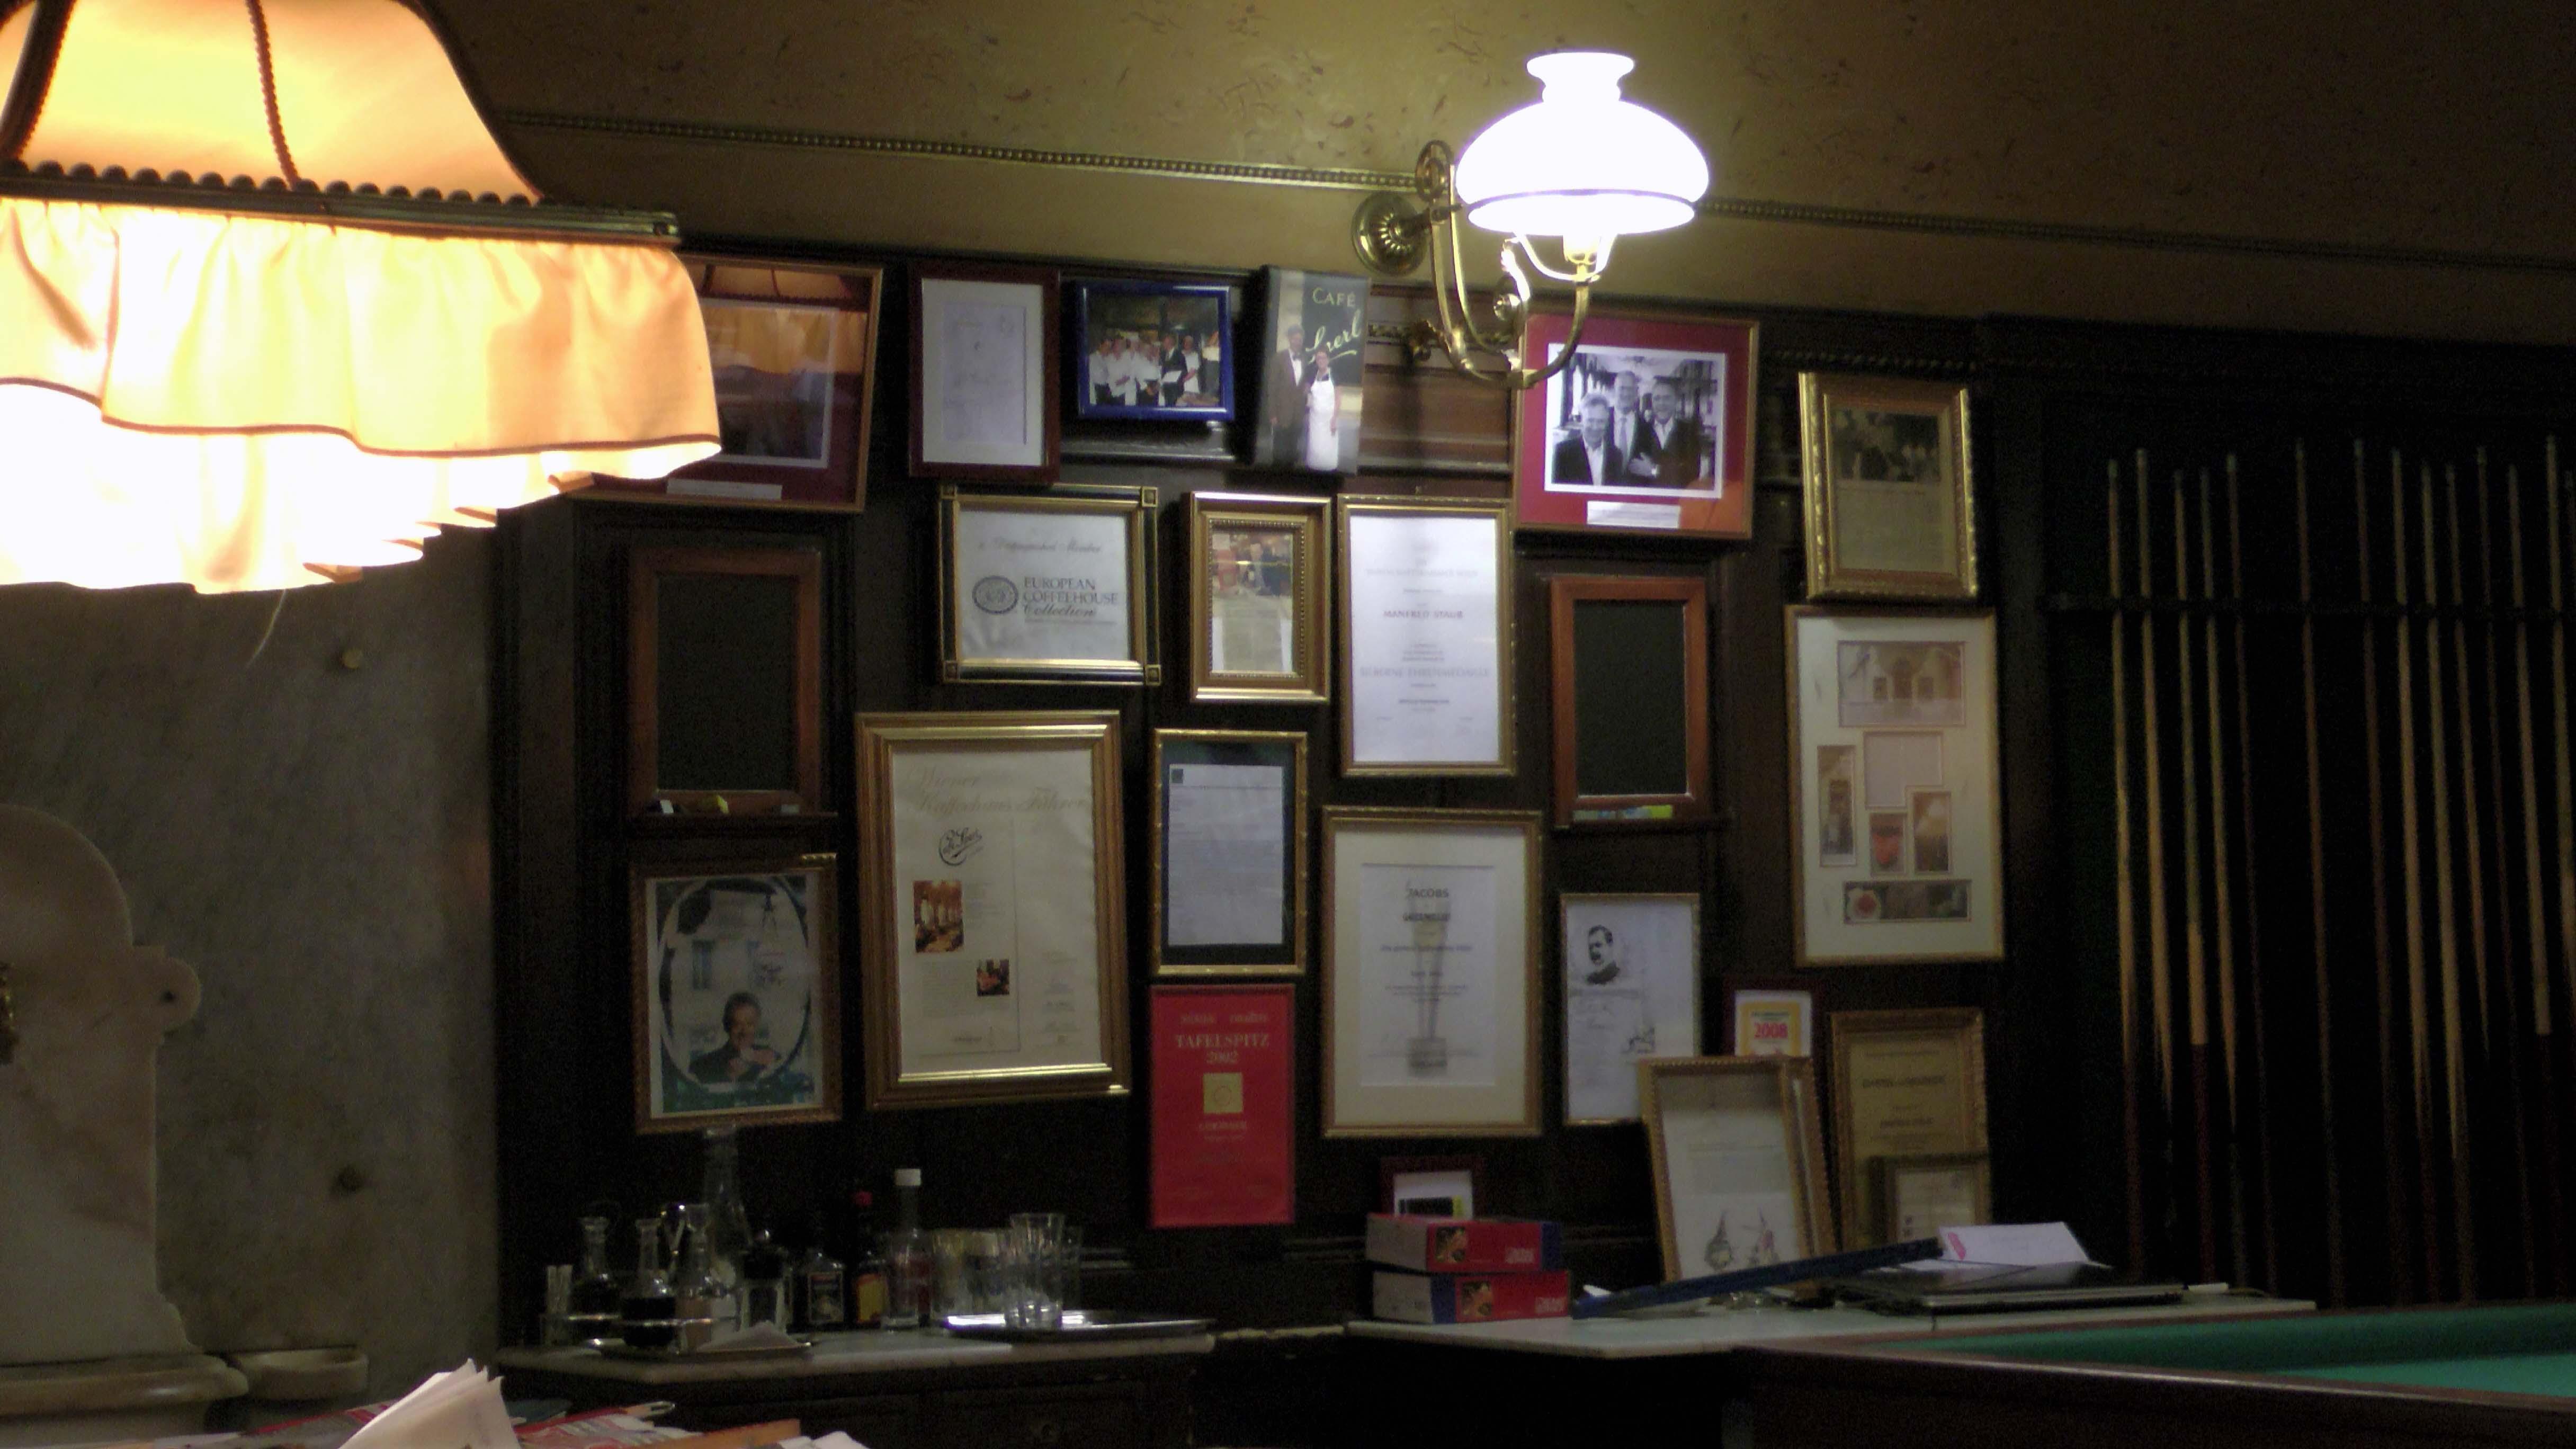 Café Sperl in Wien